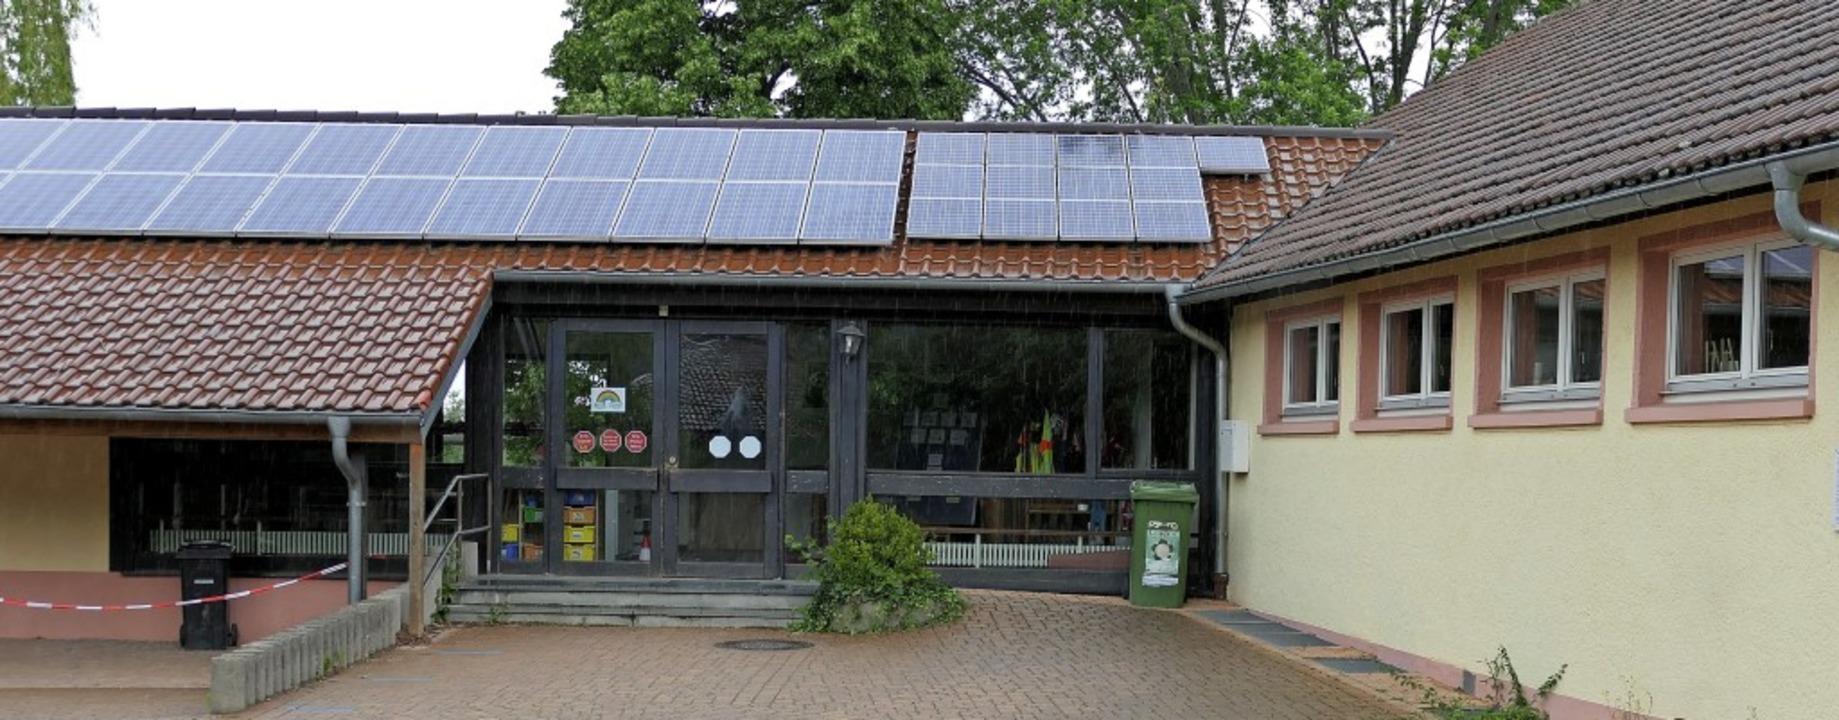 Im Mittelpunkt des neuen Maßnahmenpake...8211; energetisch saniert werden soll.  | Foto: Hans-Peter Müller